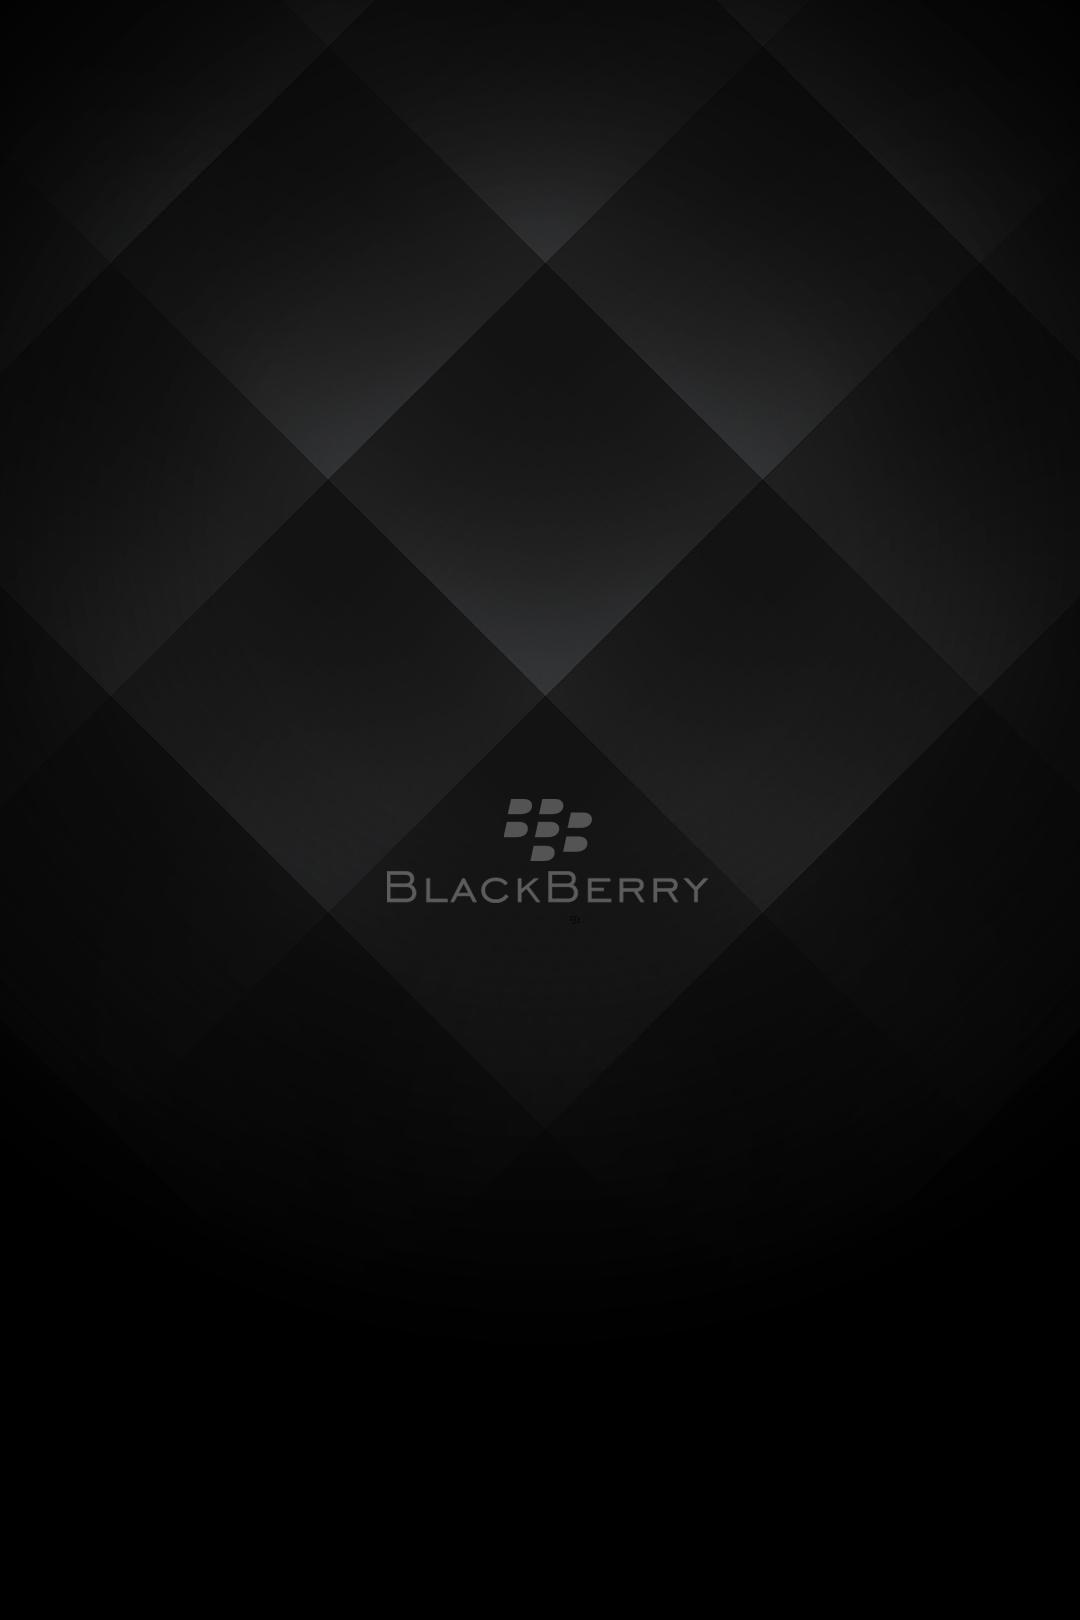 黑莓新LOGO